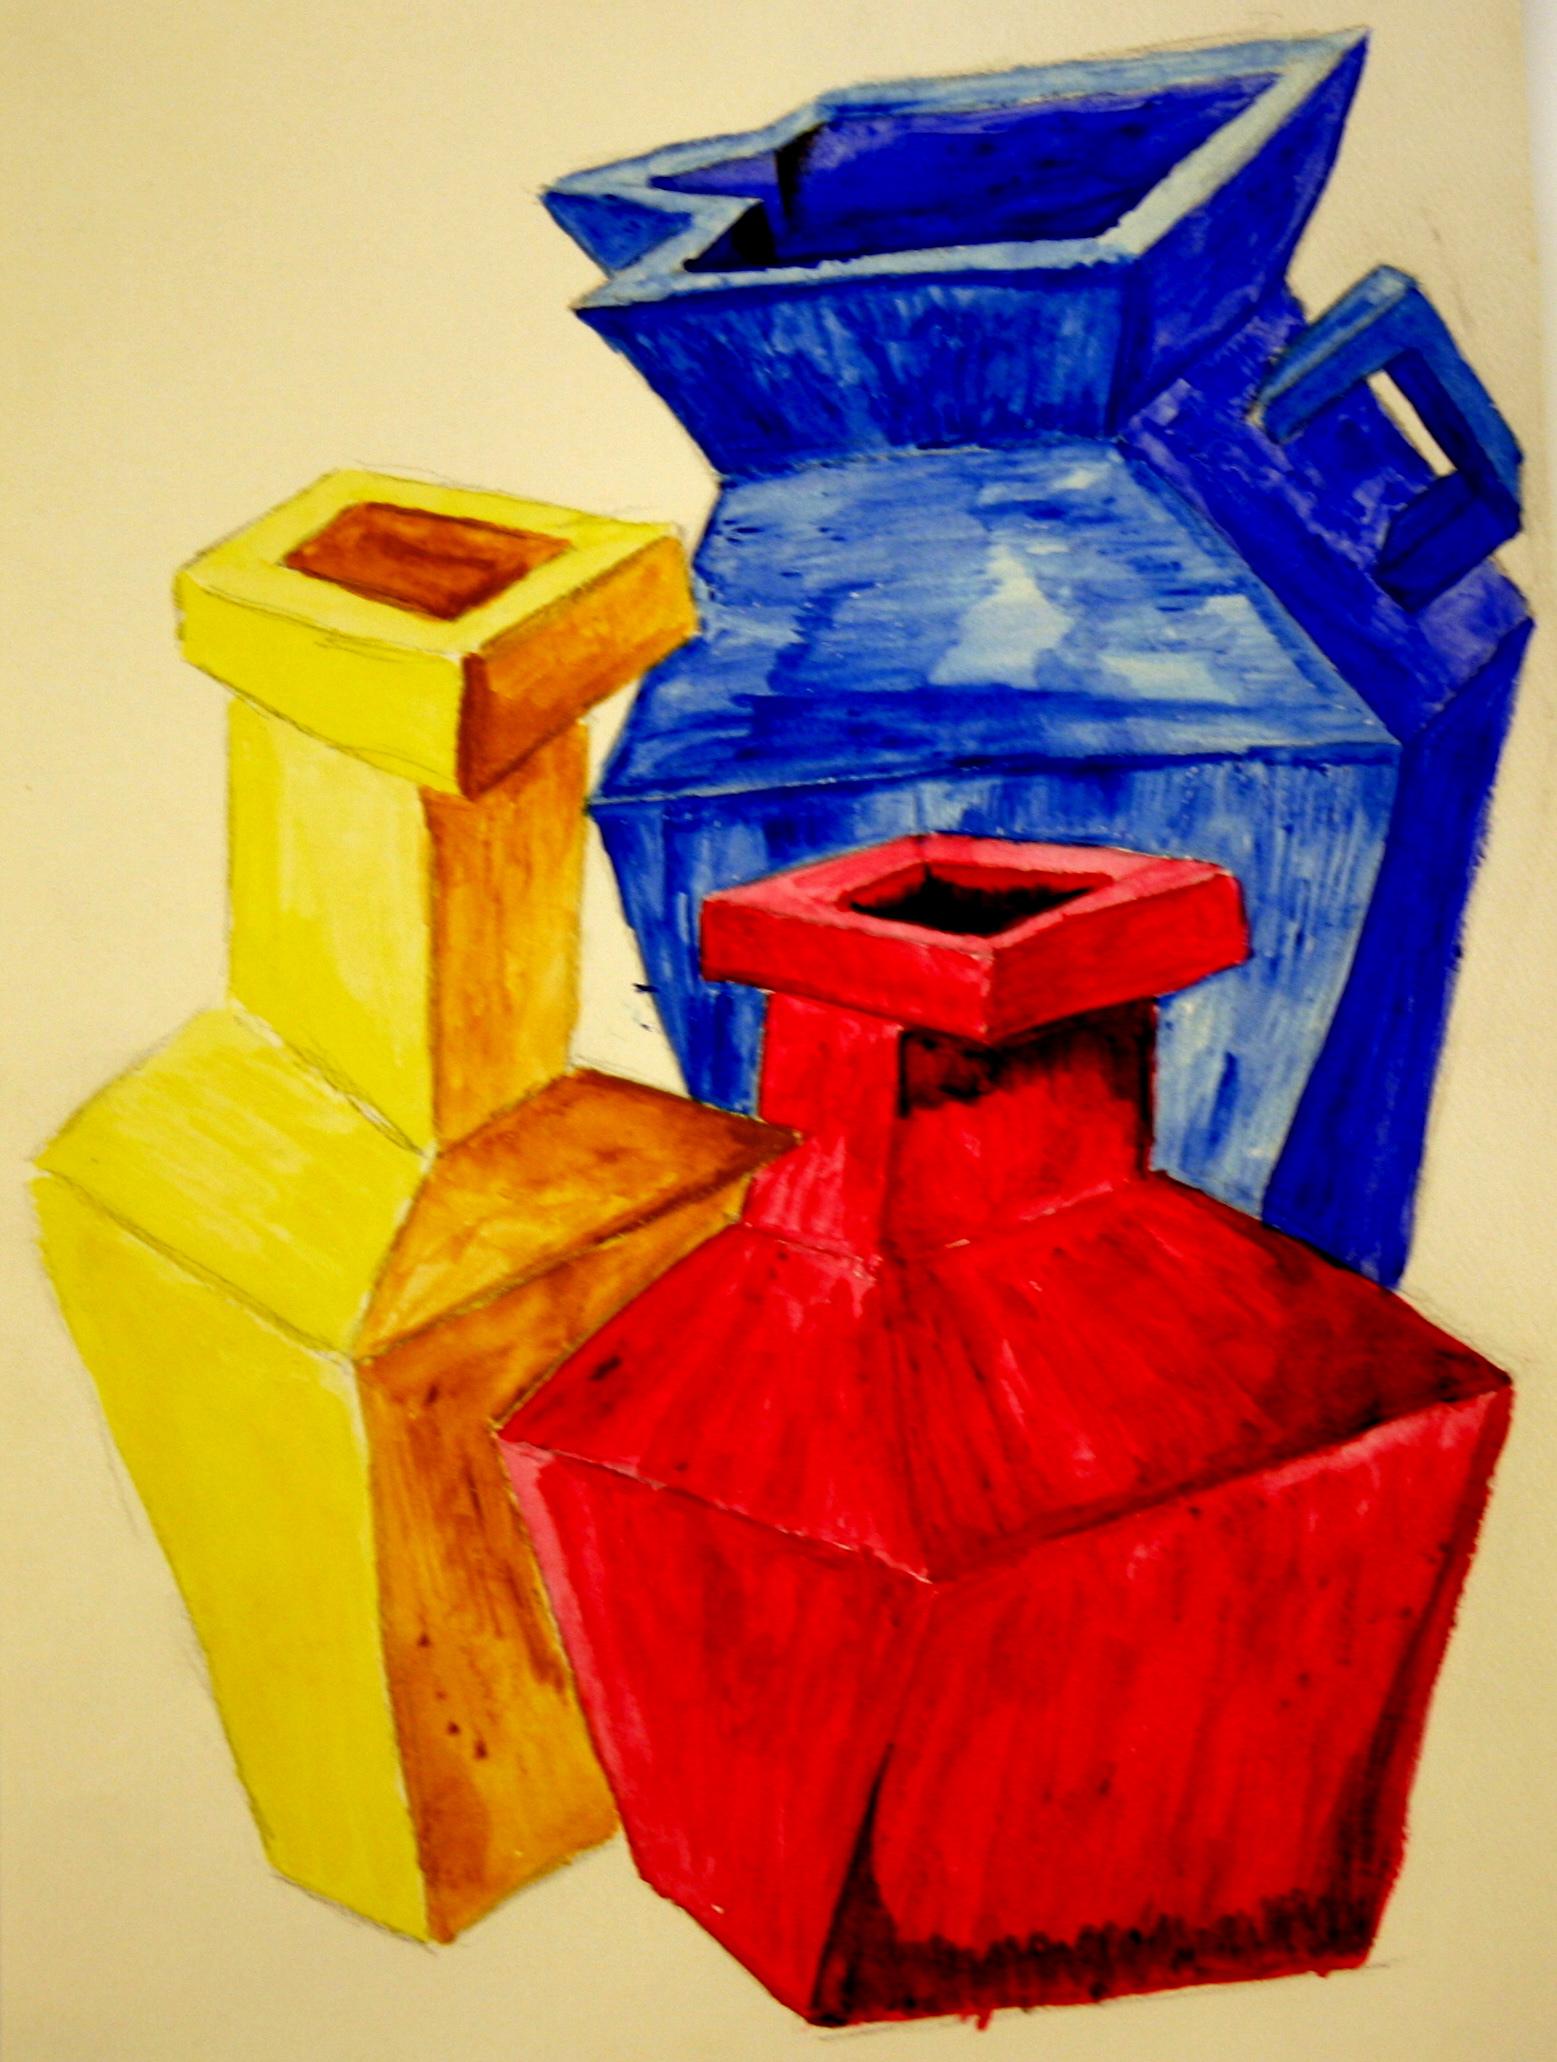 Still Life with Pots